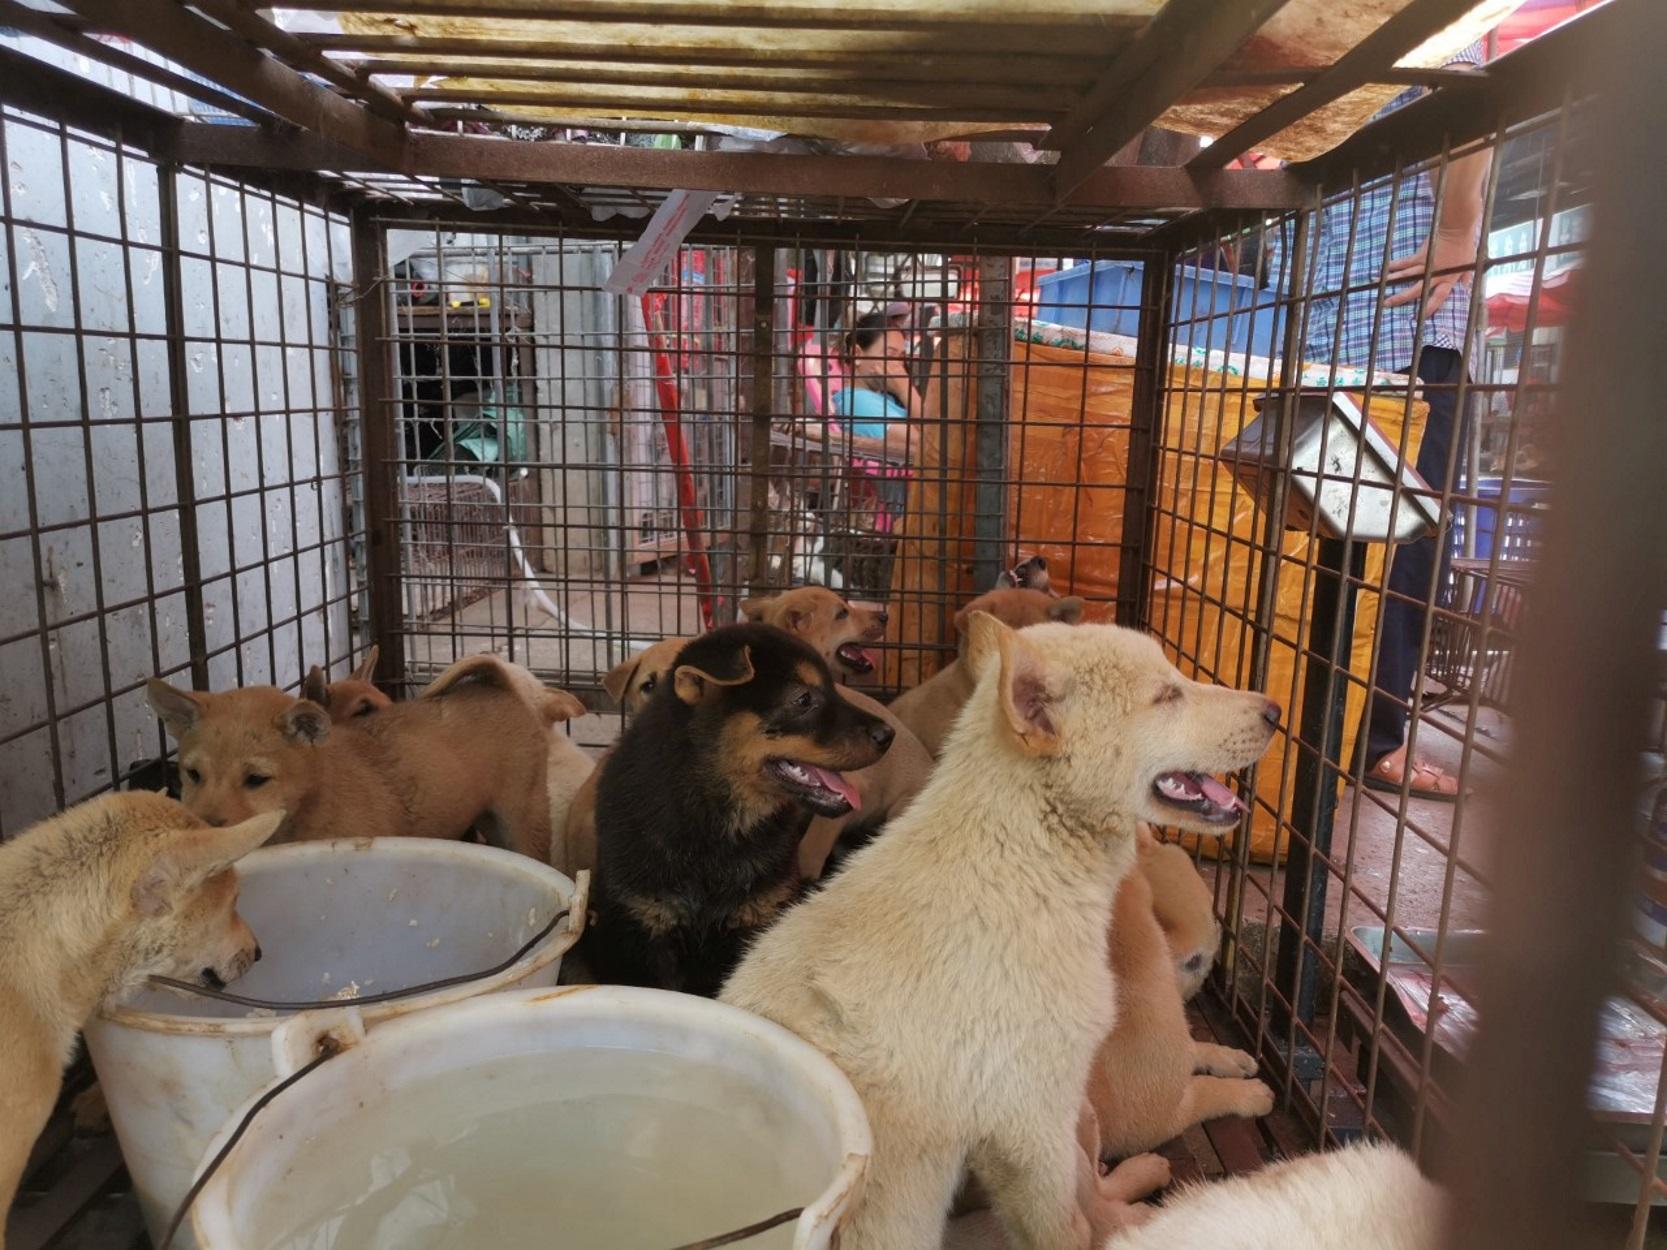 Κίνα: Ξεκίνησε το ετήσιο φεστιβάλ κατανάλωσης… σκύλων! (pic, video)